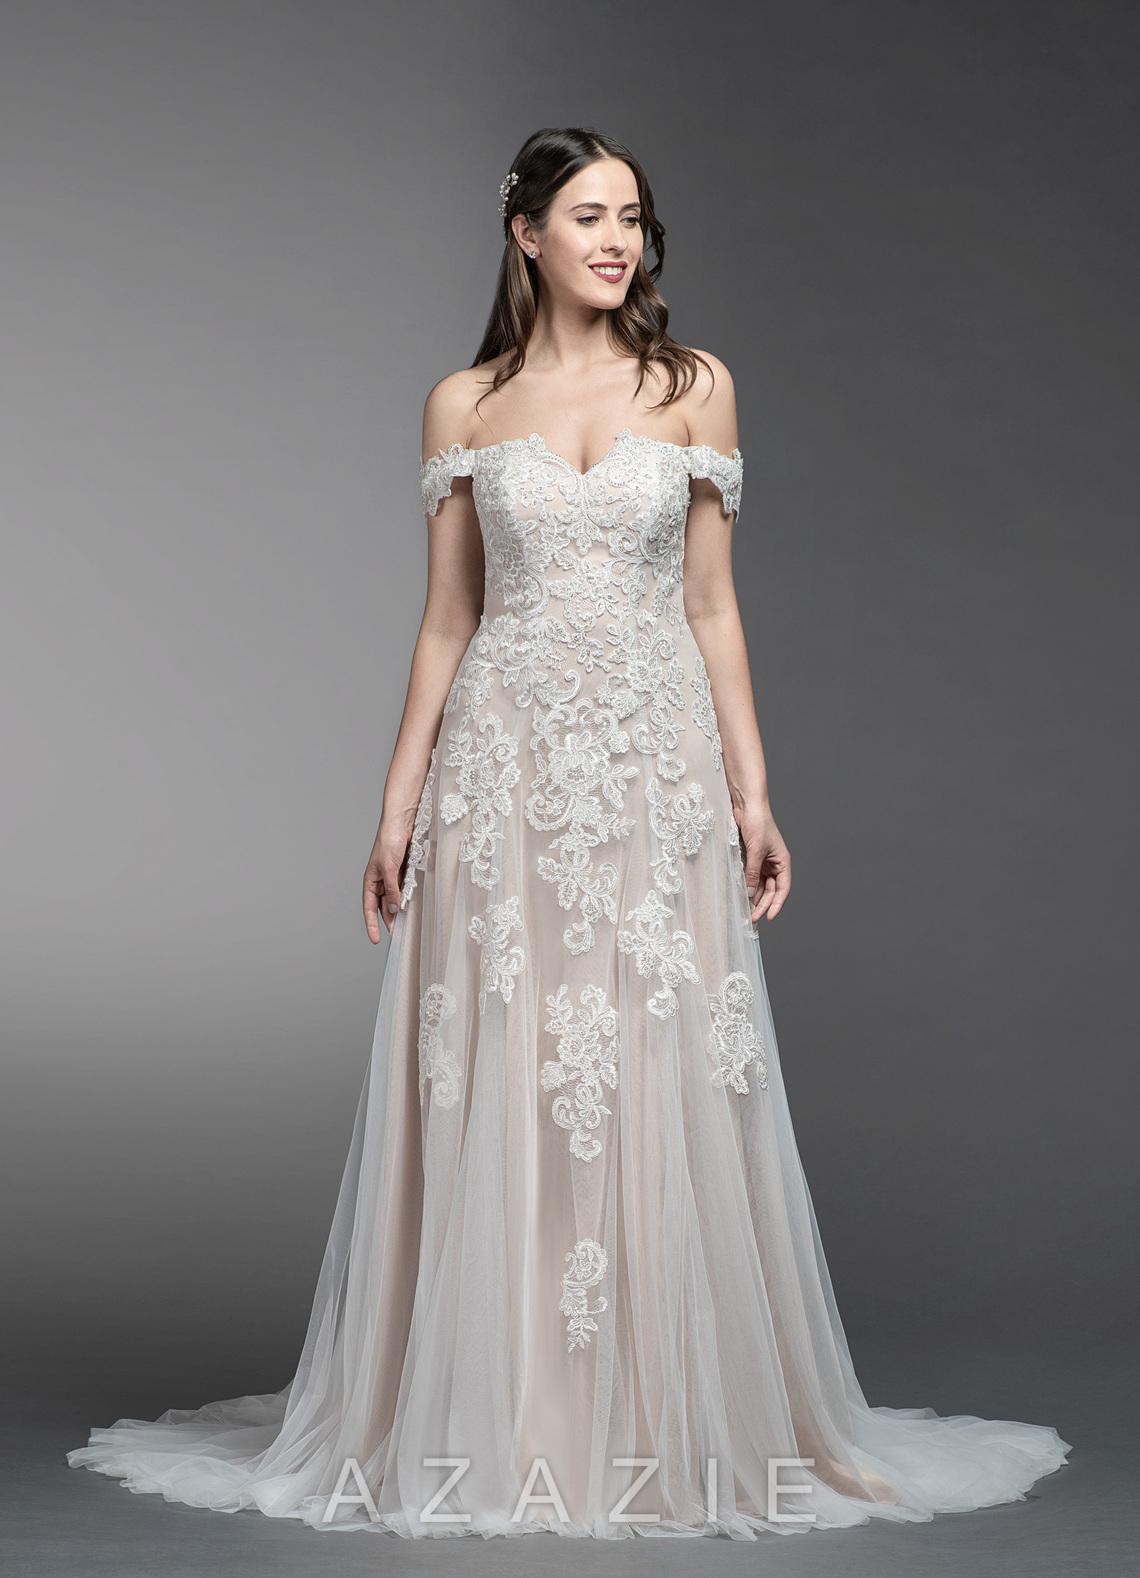 748c8149361b Azazie Adeline BG Wedding Dress | Azazie